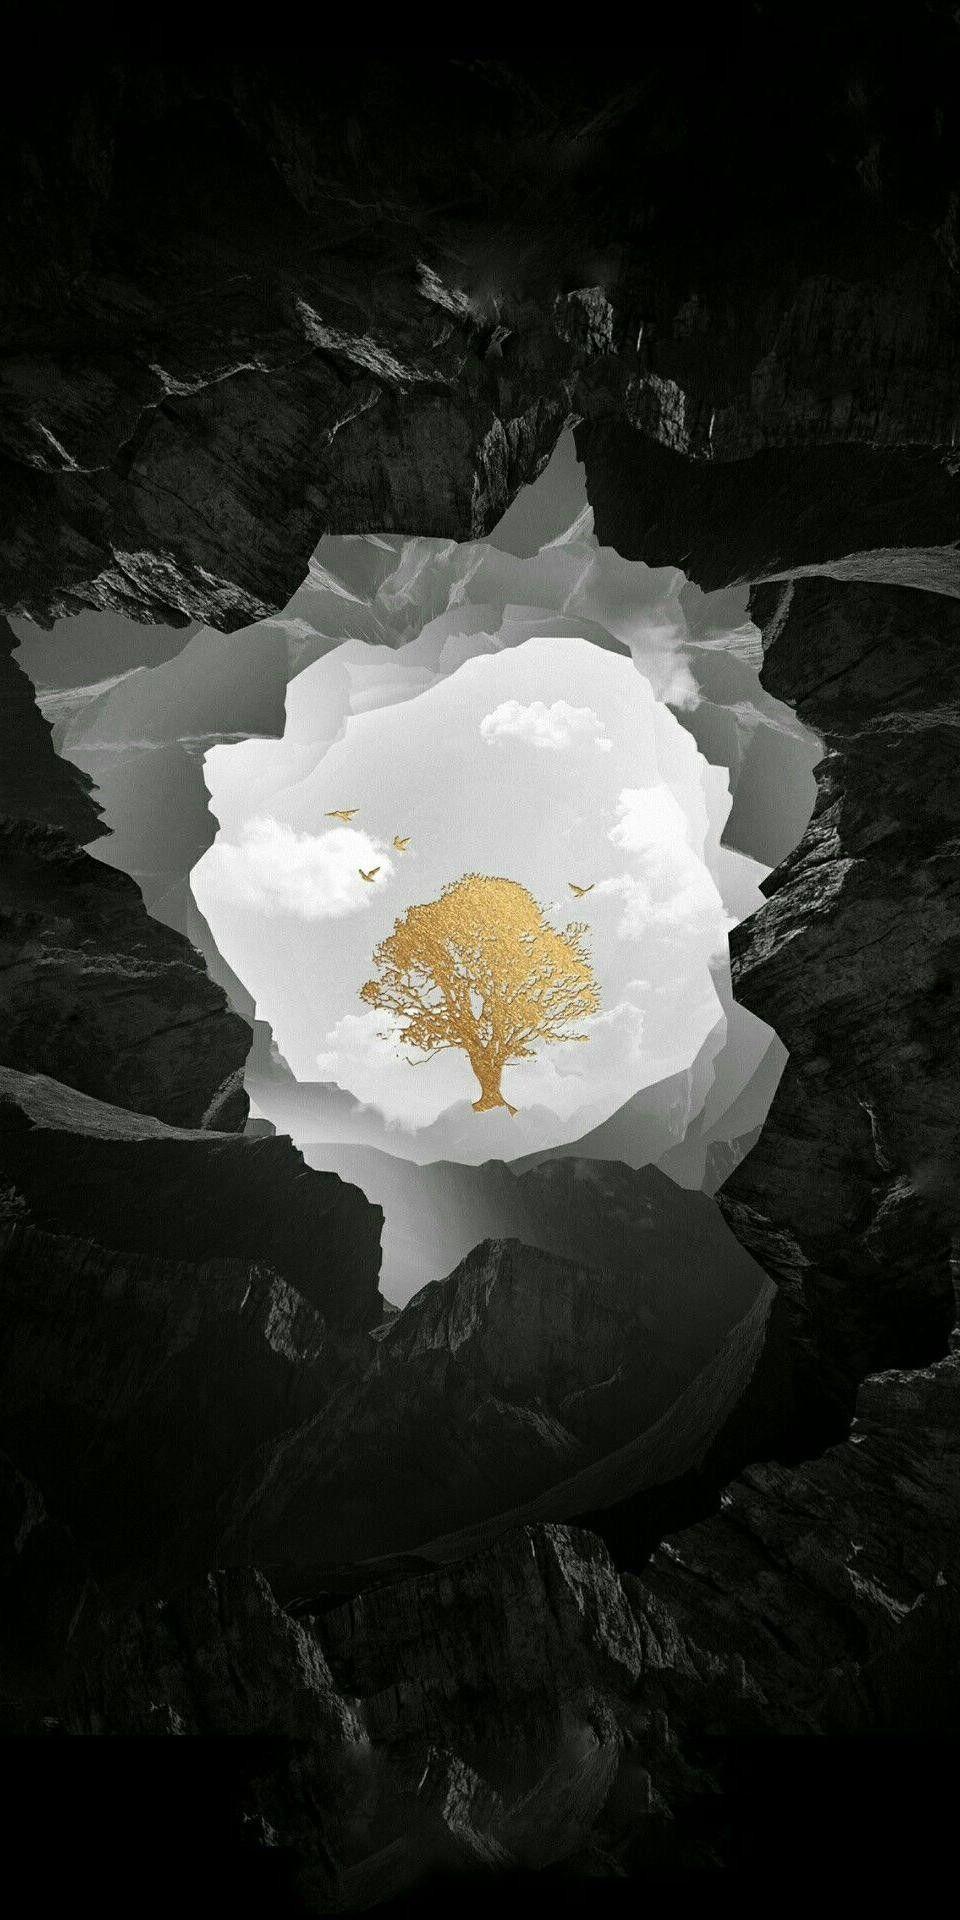 新着avicii 壁紙 Iphone 美しい花の画像